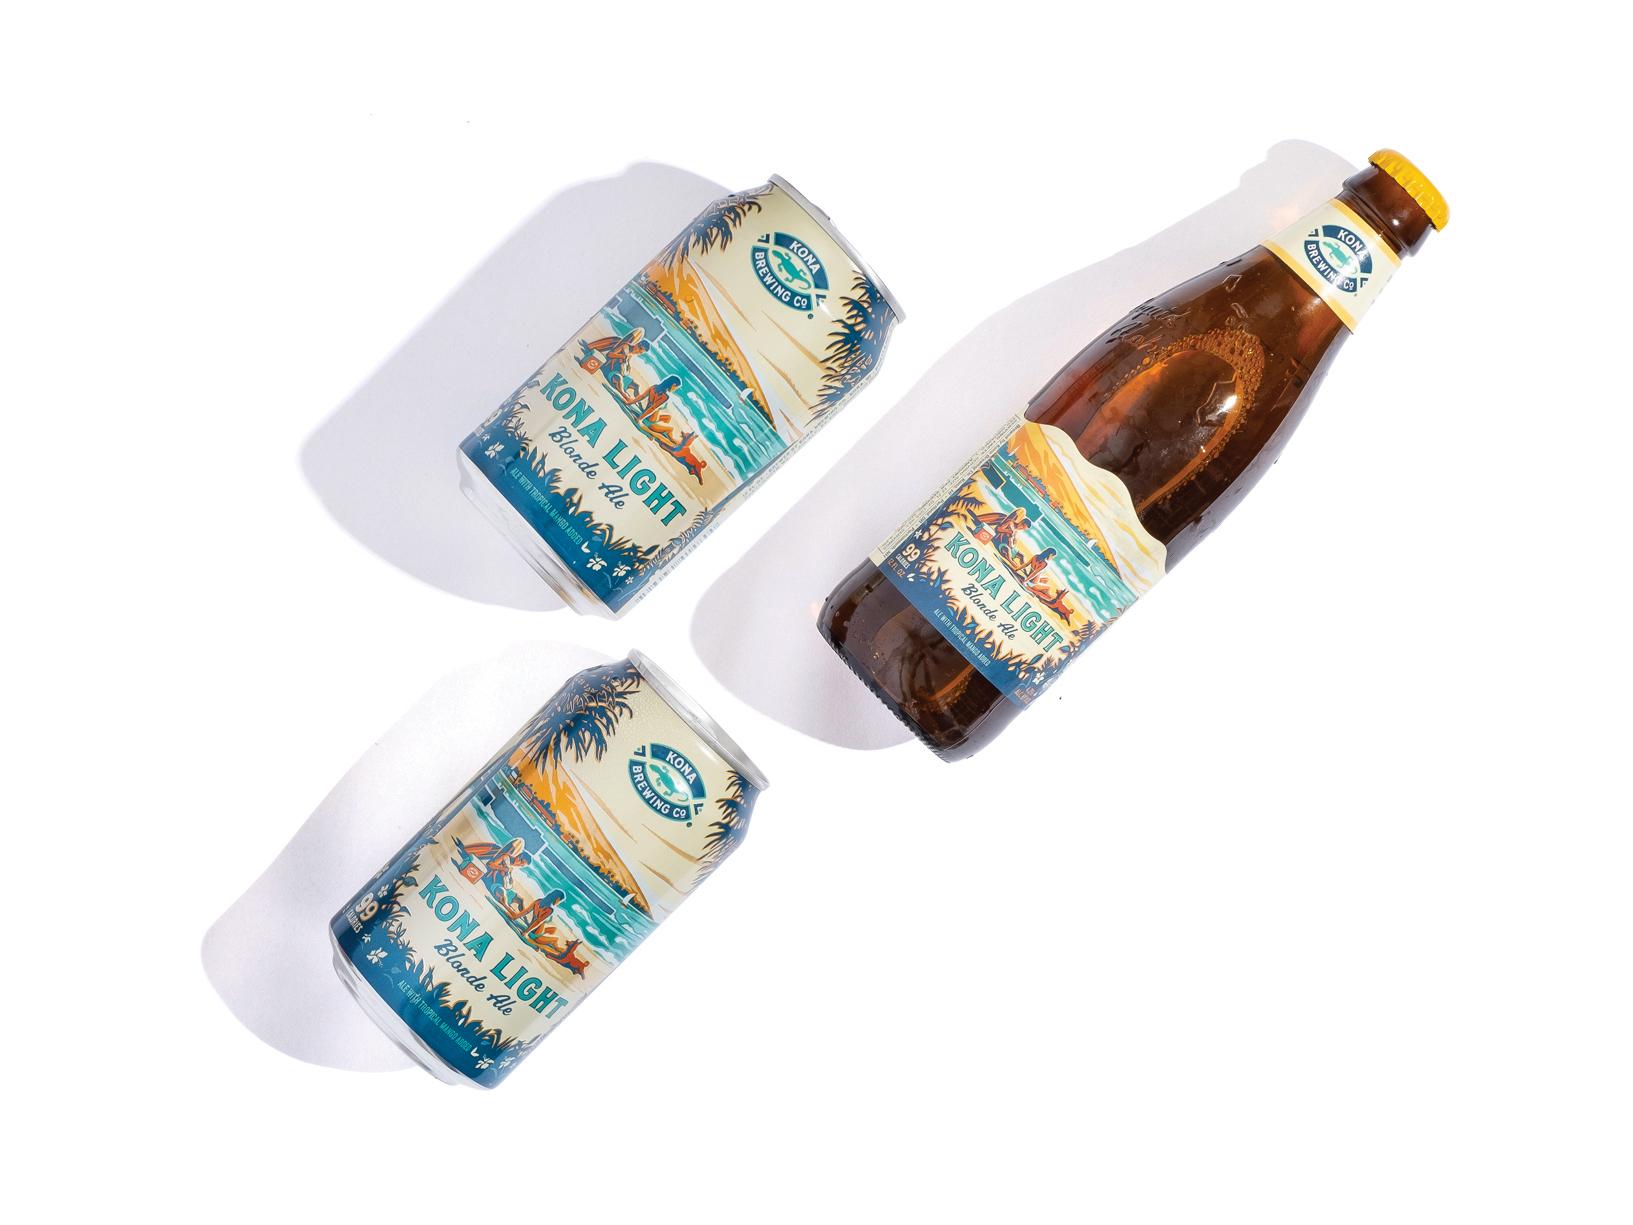 Kona Brewing Beers